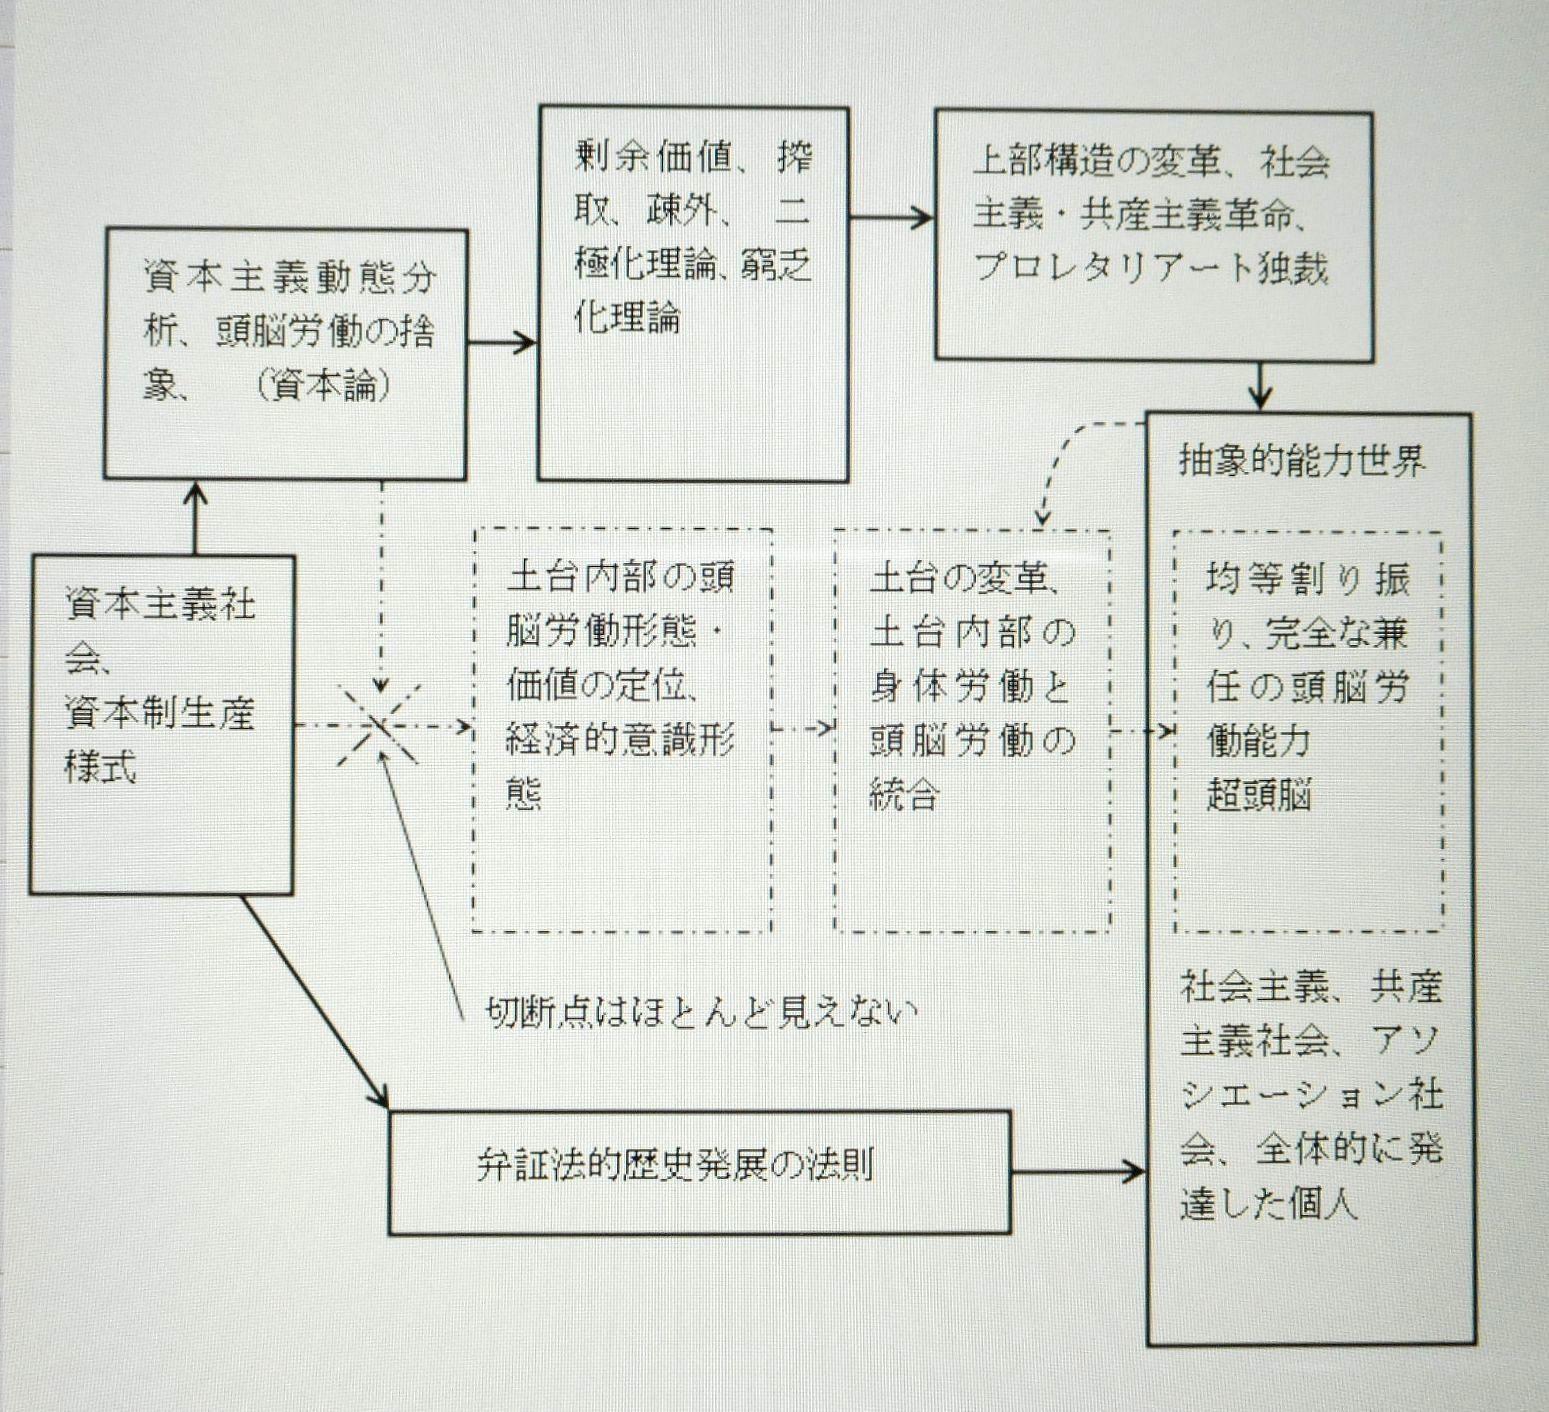 DSCN1149b.jpg